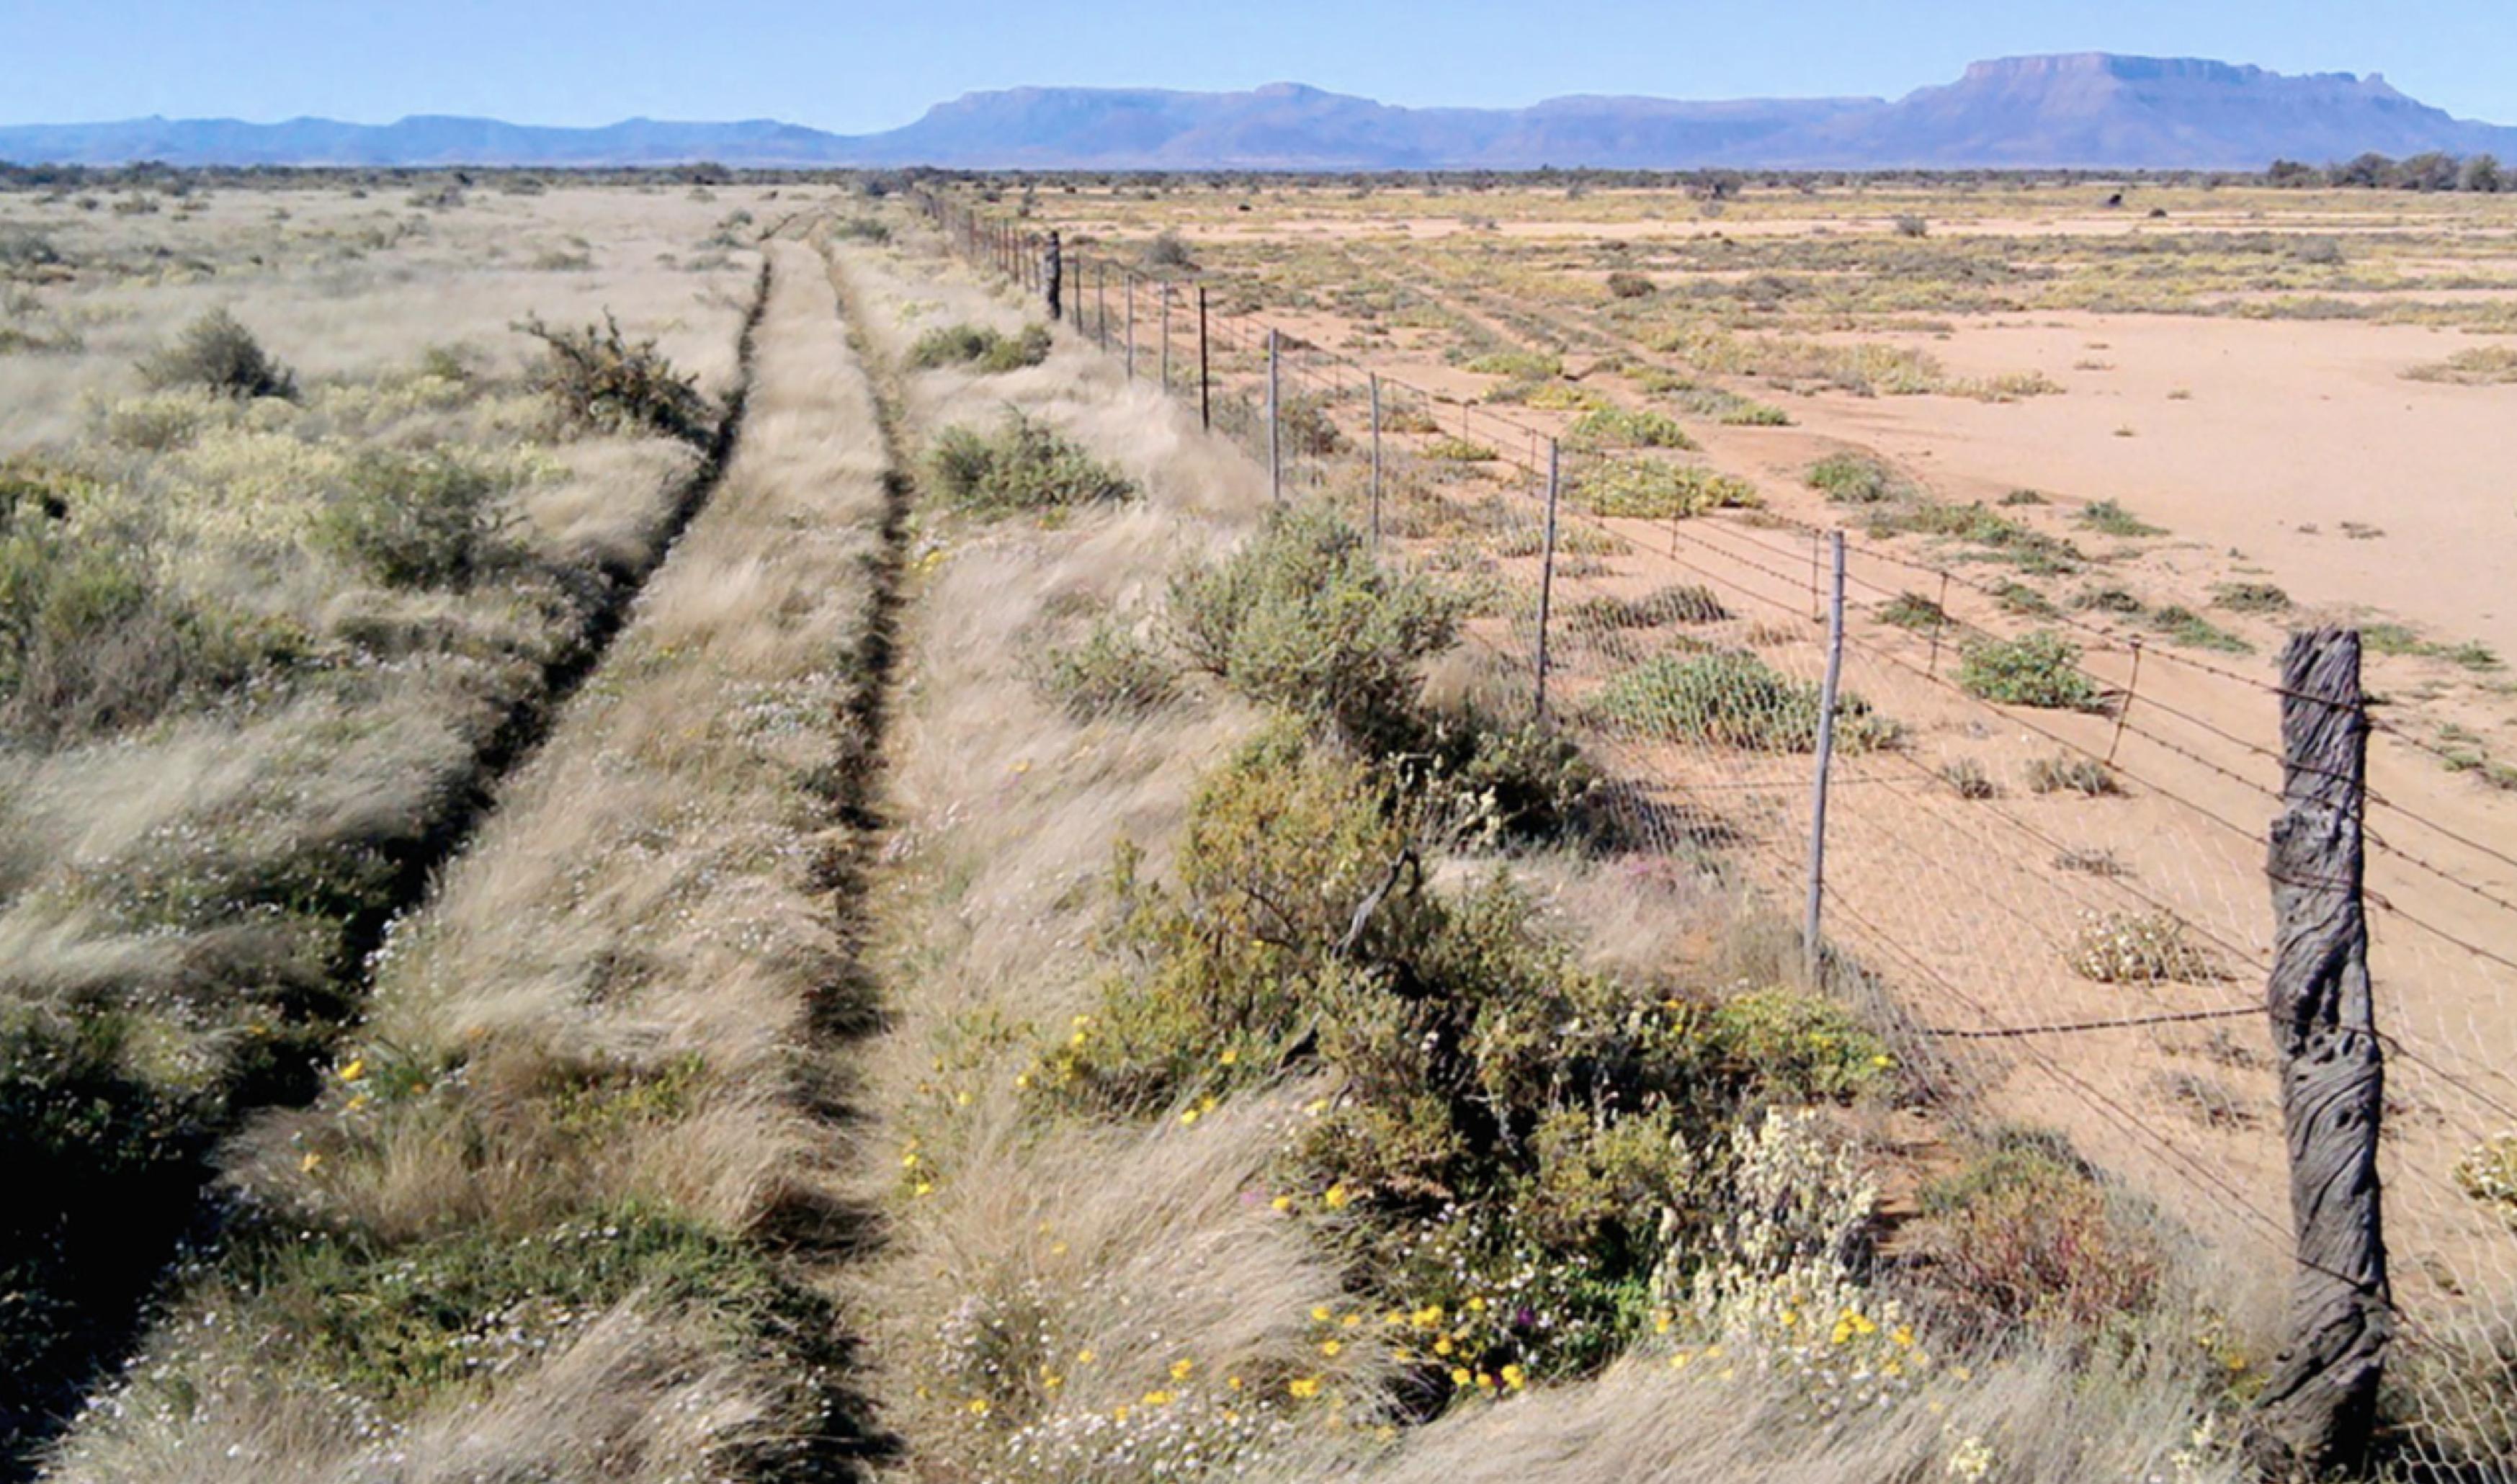 Artikel: Holistisches Weidemenanagement – Eine Blaupause für die Kühlung der Erde. Charles Massy. Australien